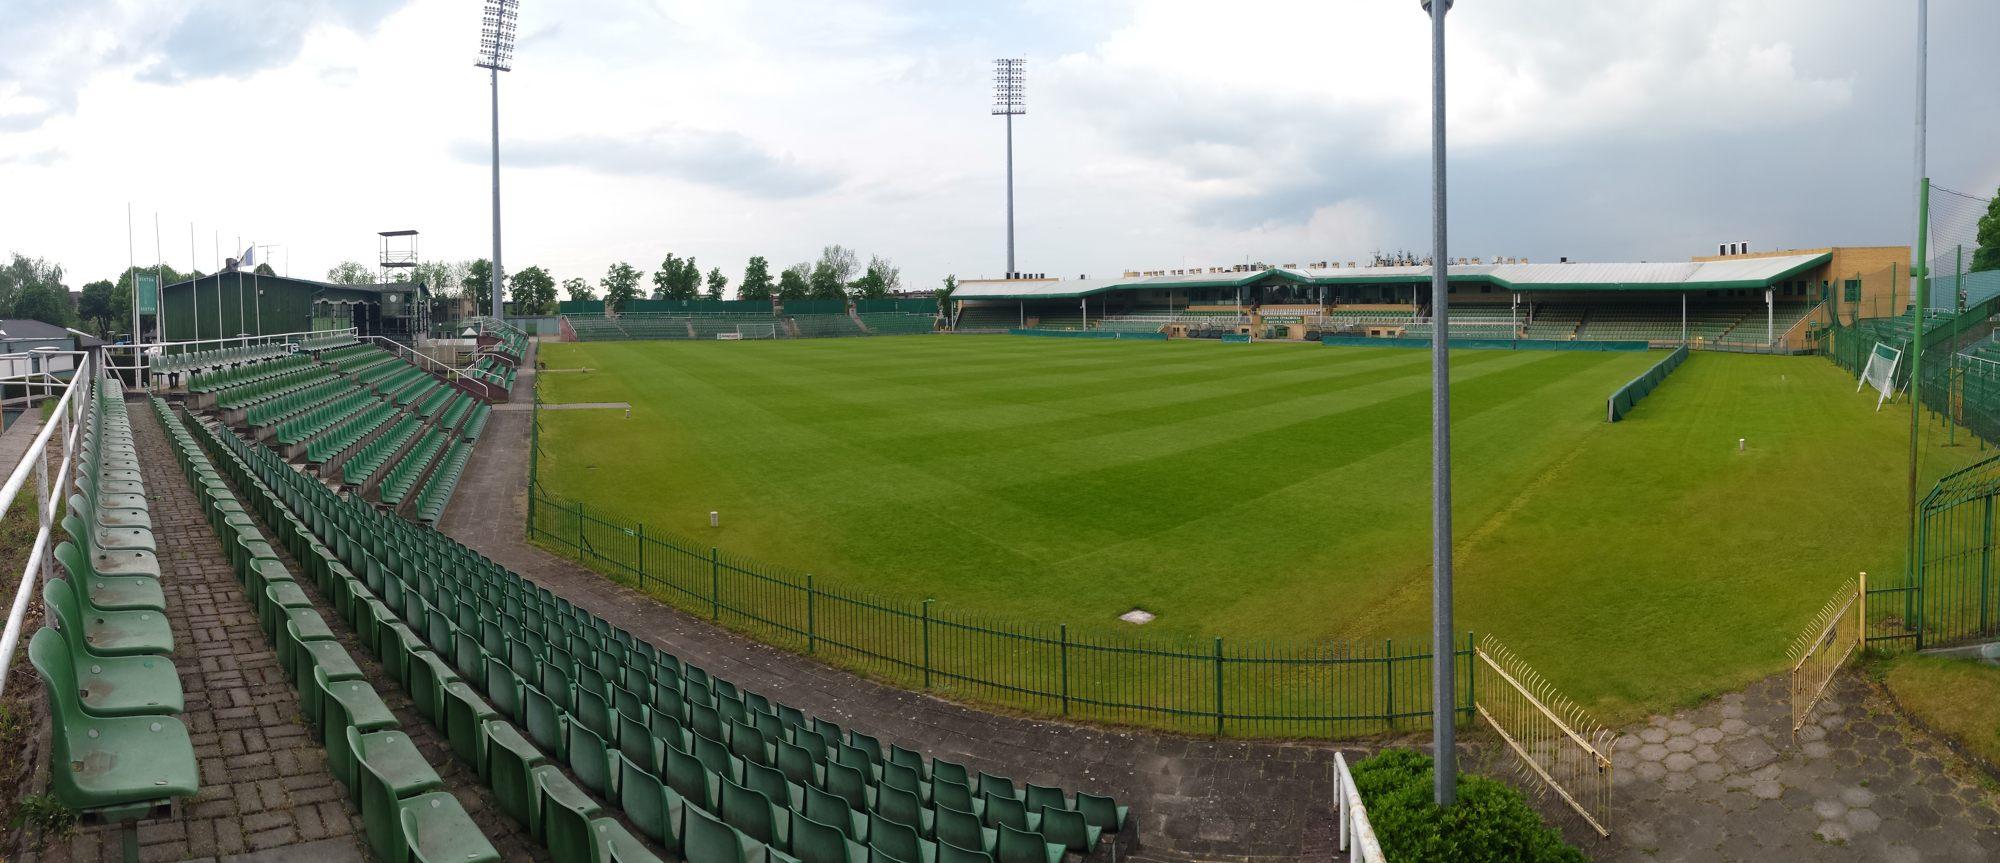 Stadion w Grodzisku Wielkopolskim